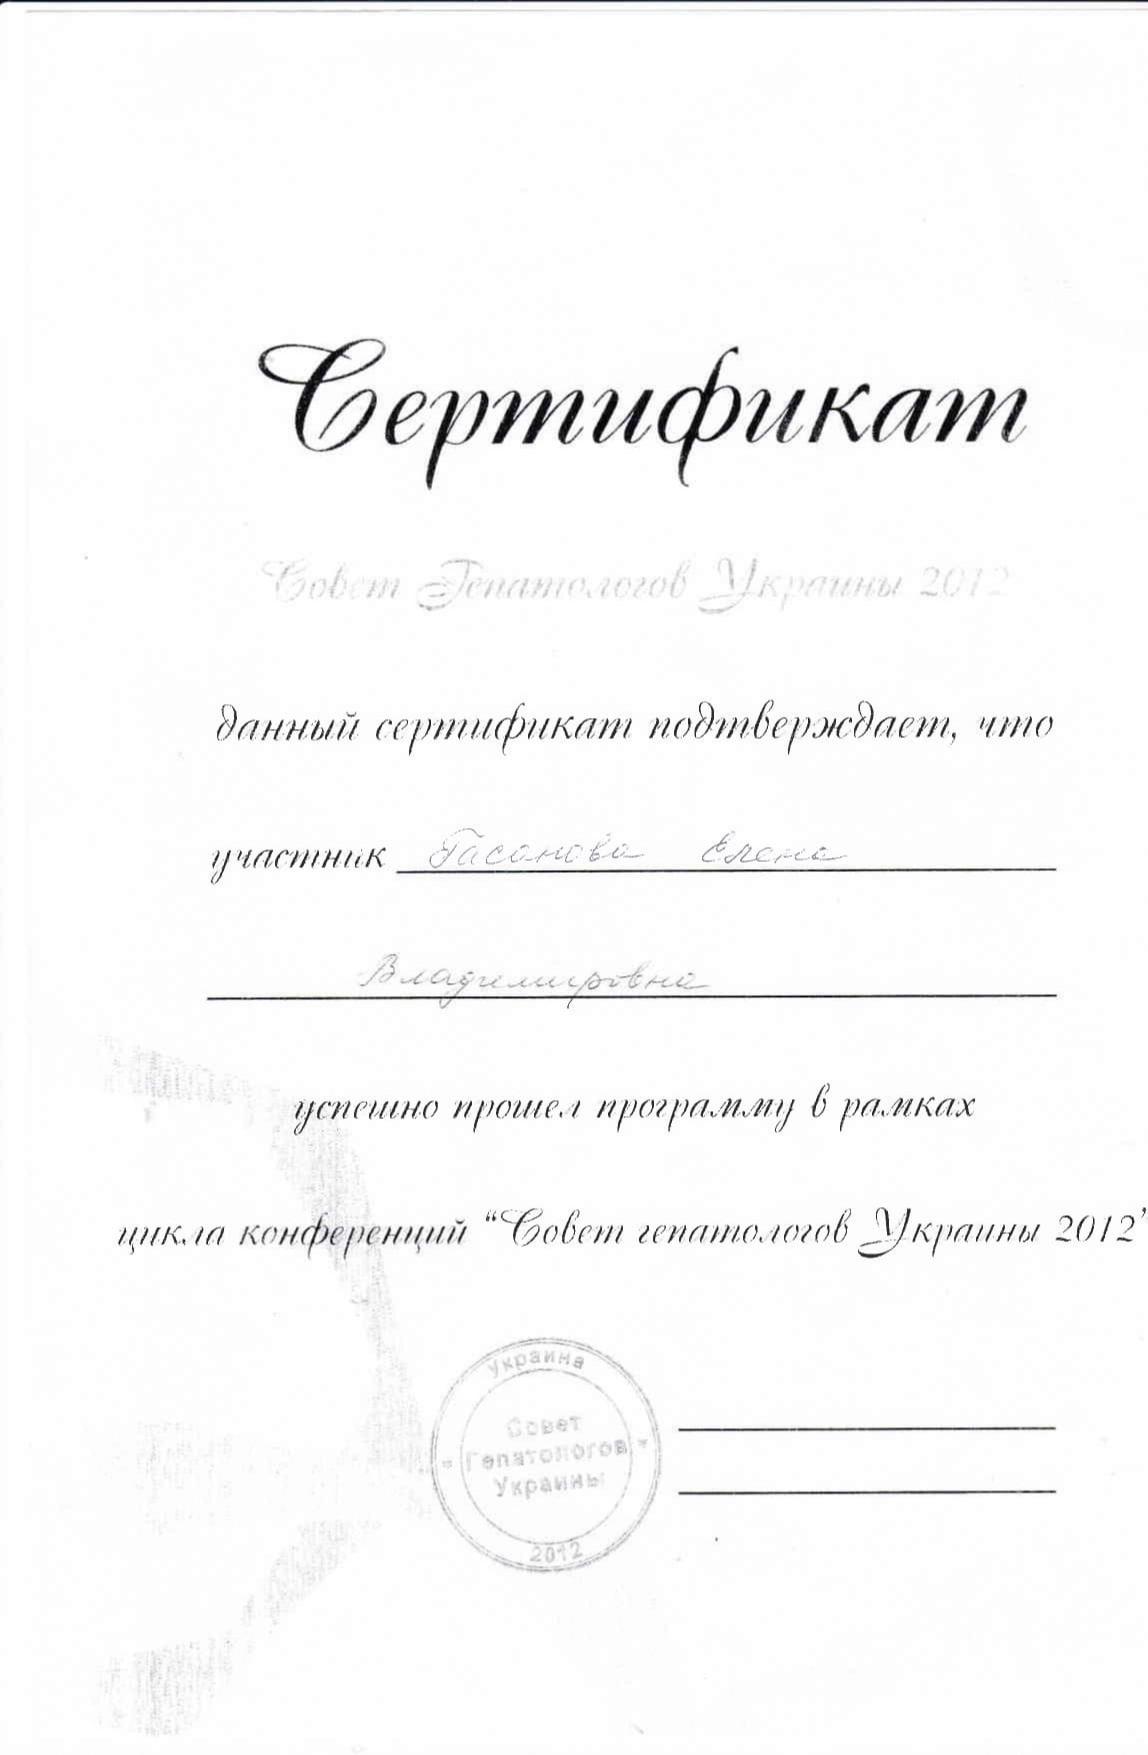 Сертификат о прохождении программы в рамках цикла конференций